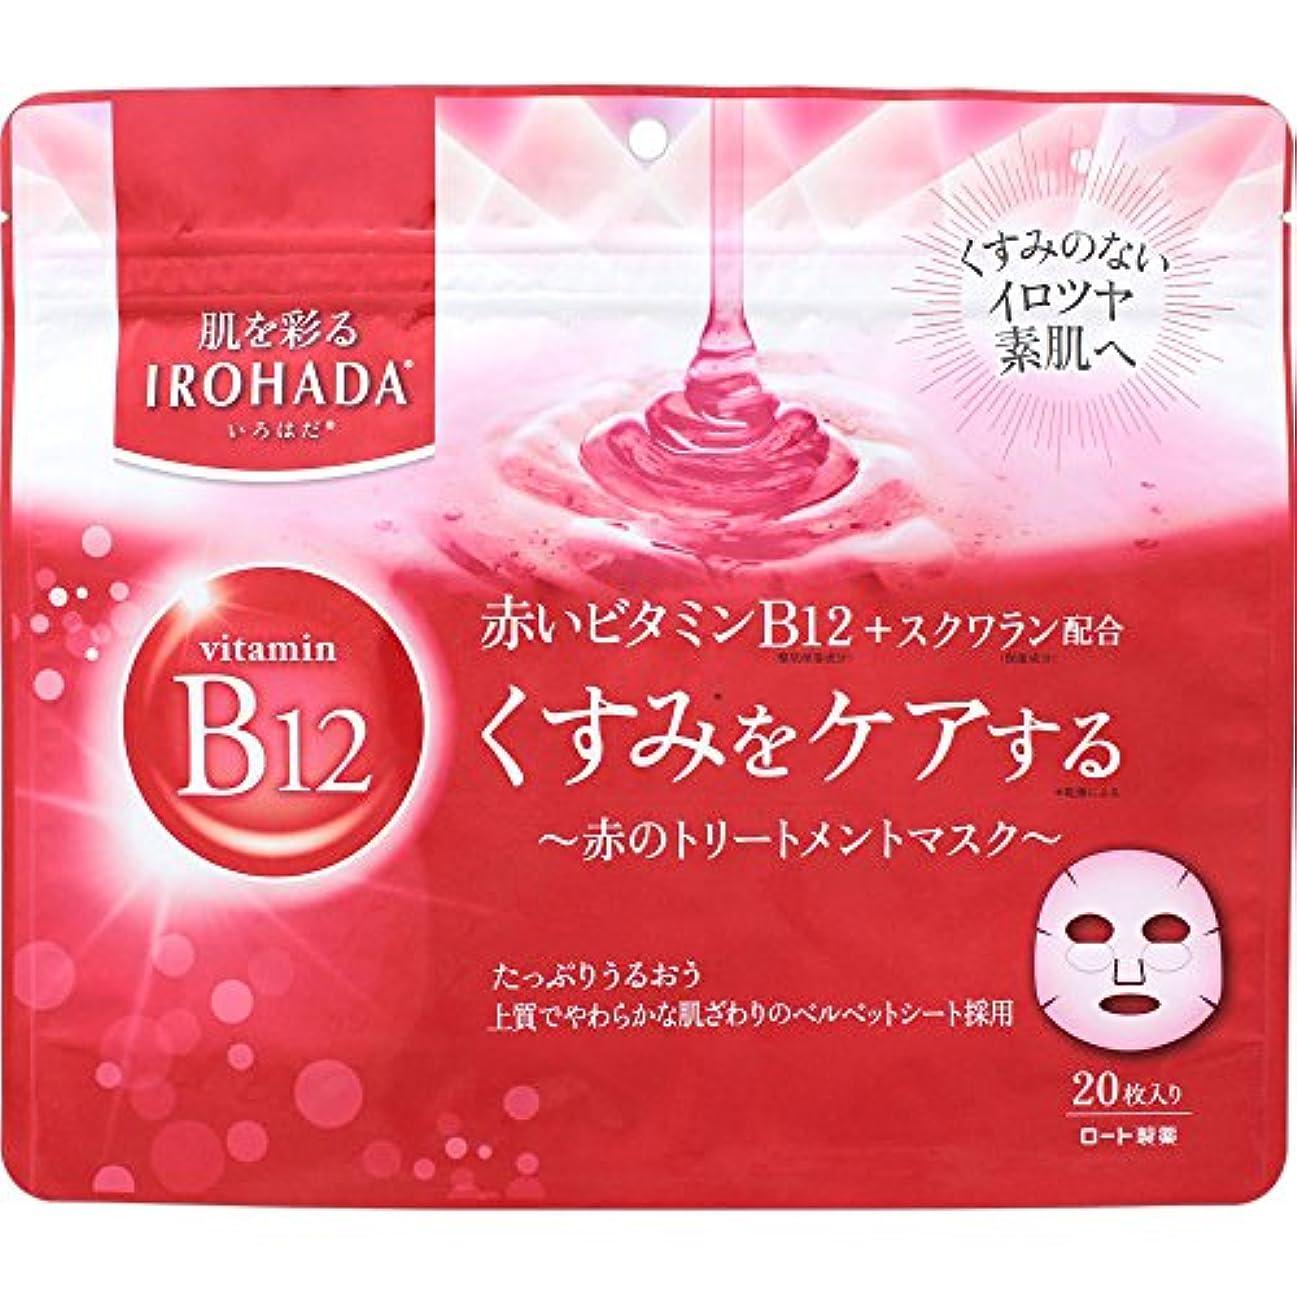 組み合わせ戻る汚いロート製薬 いろはだ (IROHADA) 赤いビタミンB12×スクワラン配合 トリートメントマスク 20枚入り